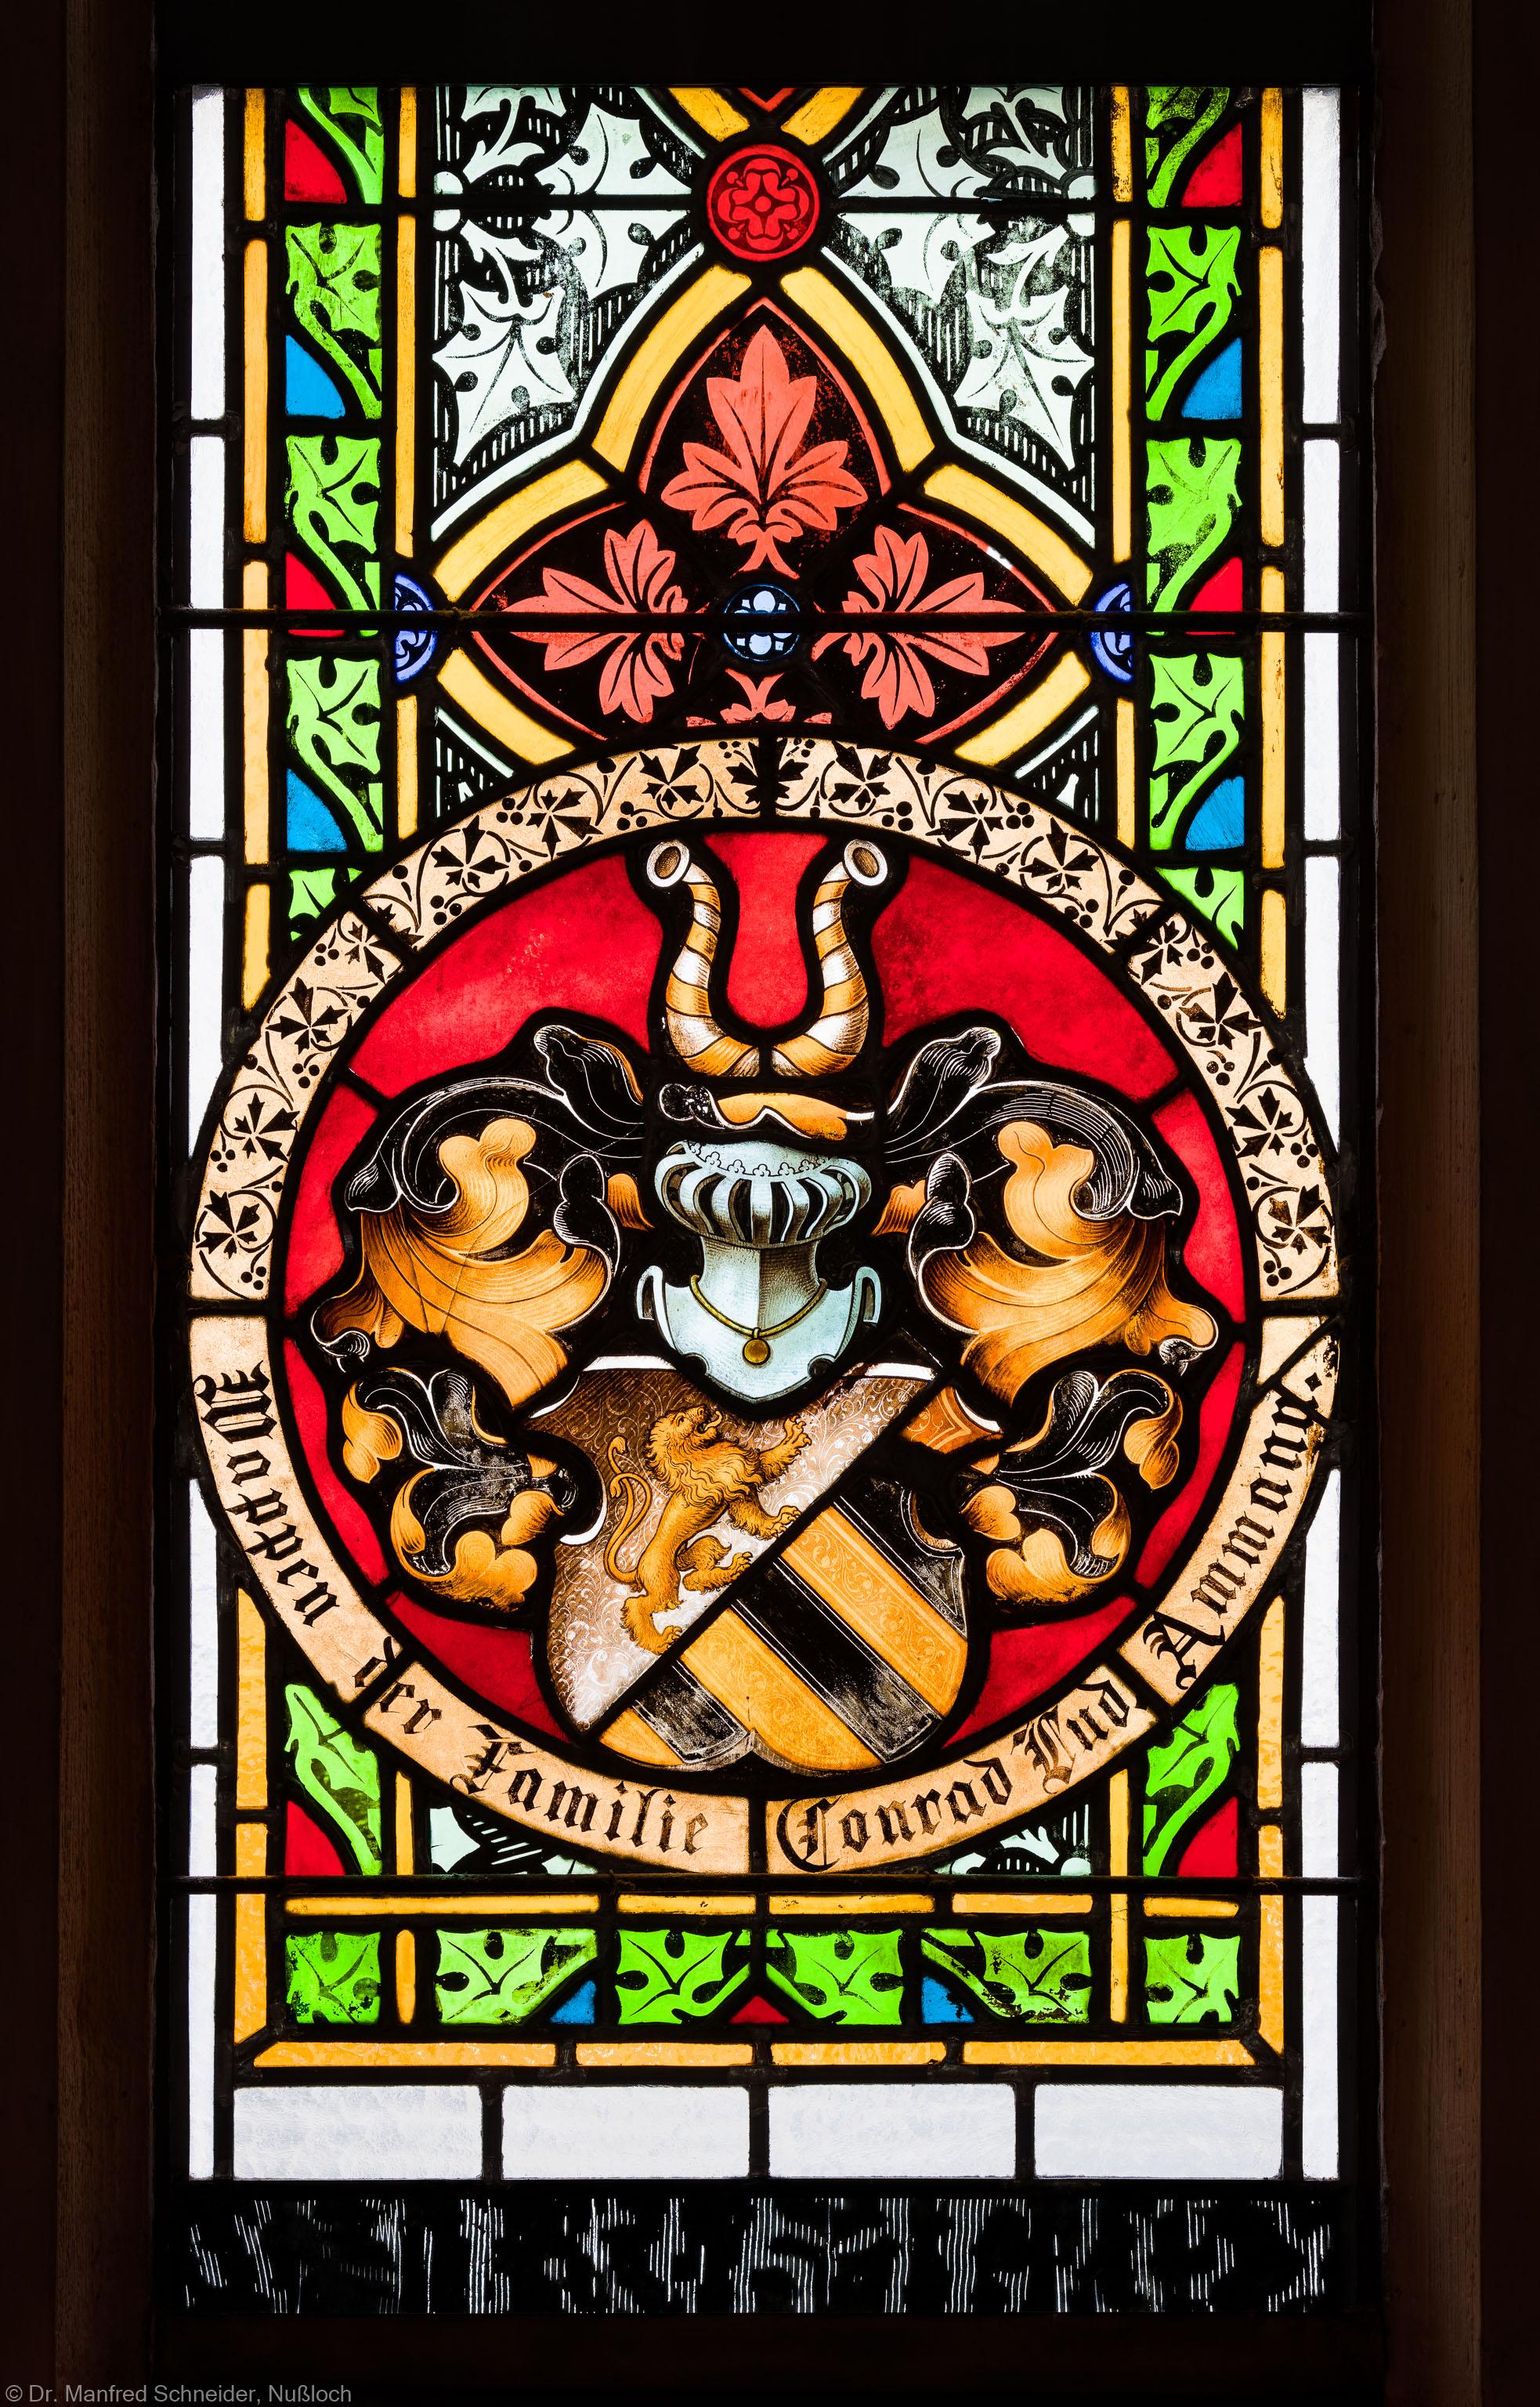 Heidelberg - Heiliggeistkirche - Südschiff - 3. Joch, von Westen aus gezählt - Feld (mit Wappen) des Ornamentfensters (aufgenommen im Oktober 2015, am Nachmittag)